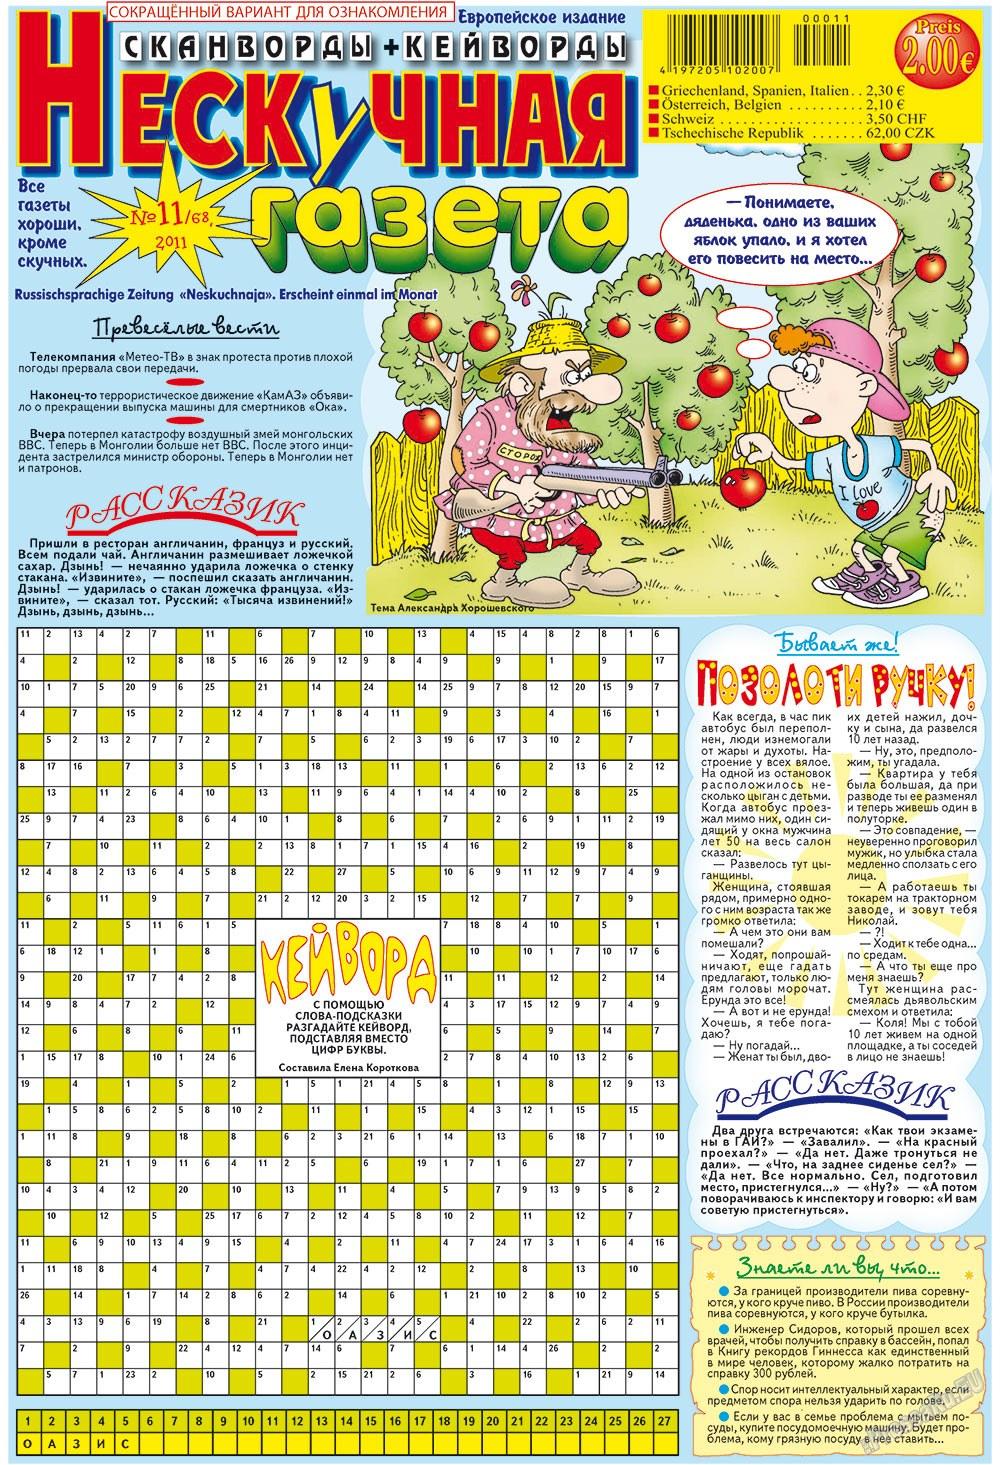 Нескучная газета (журнал). 2011 год, номер 11, стр. 1